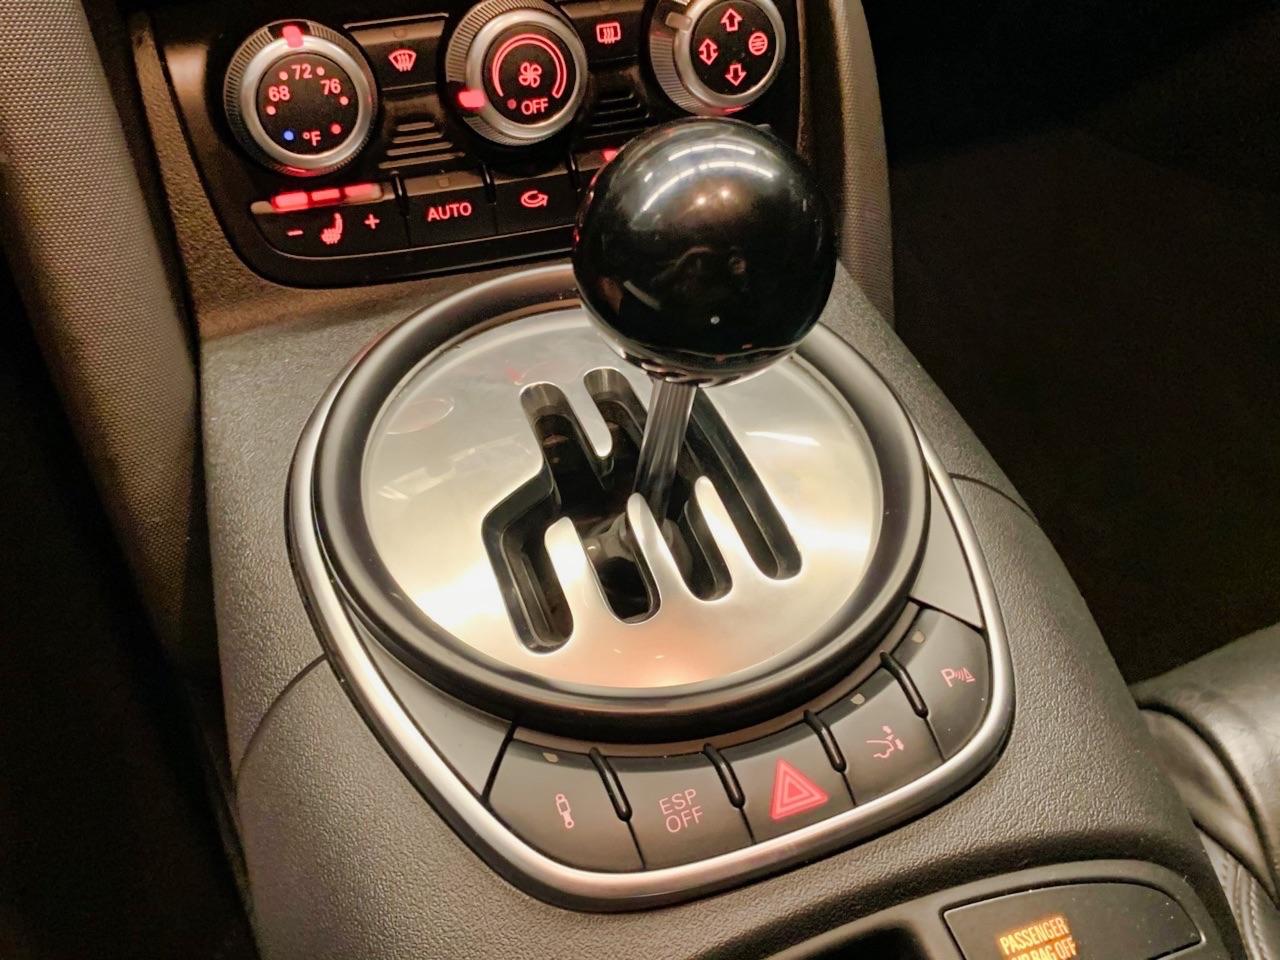 Audi R8 V8 4.2 l - Shootée au biturbo 12